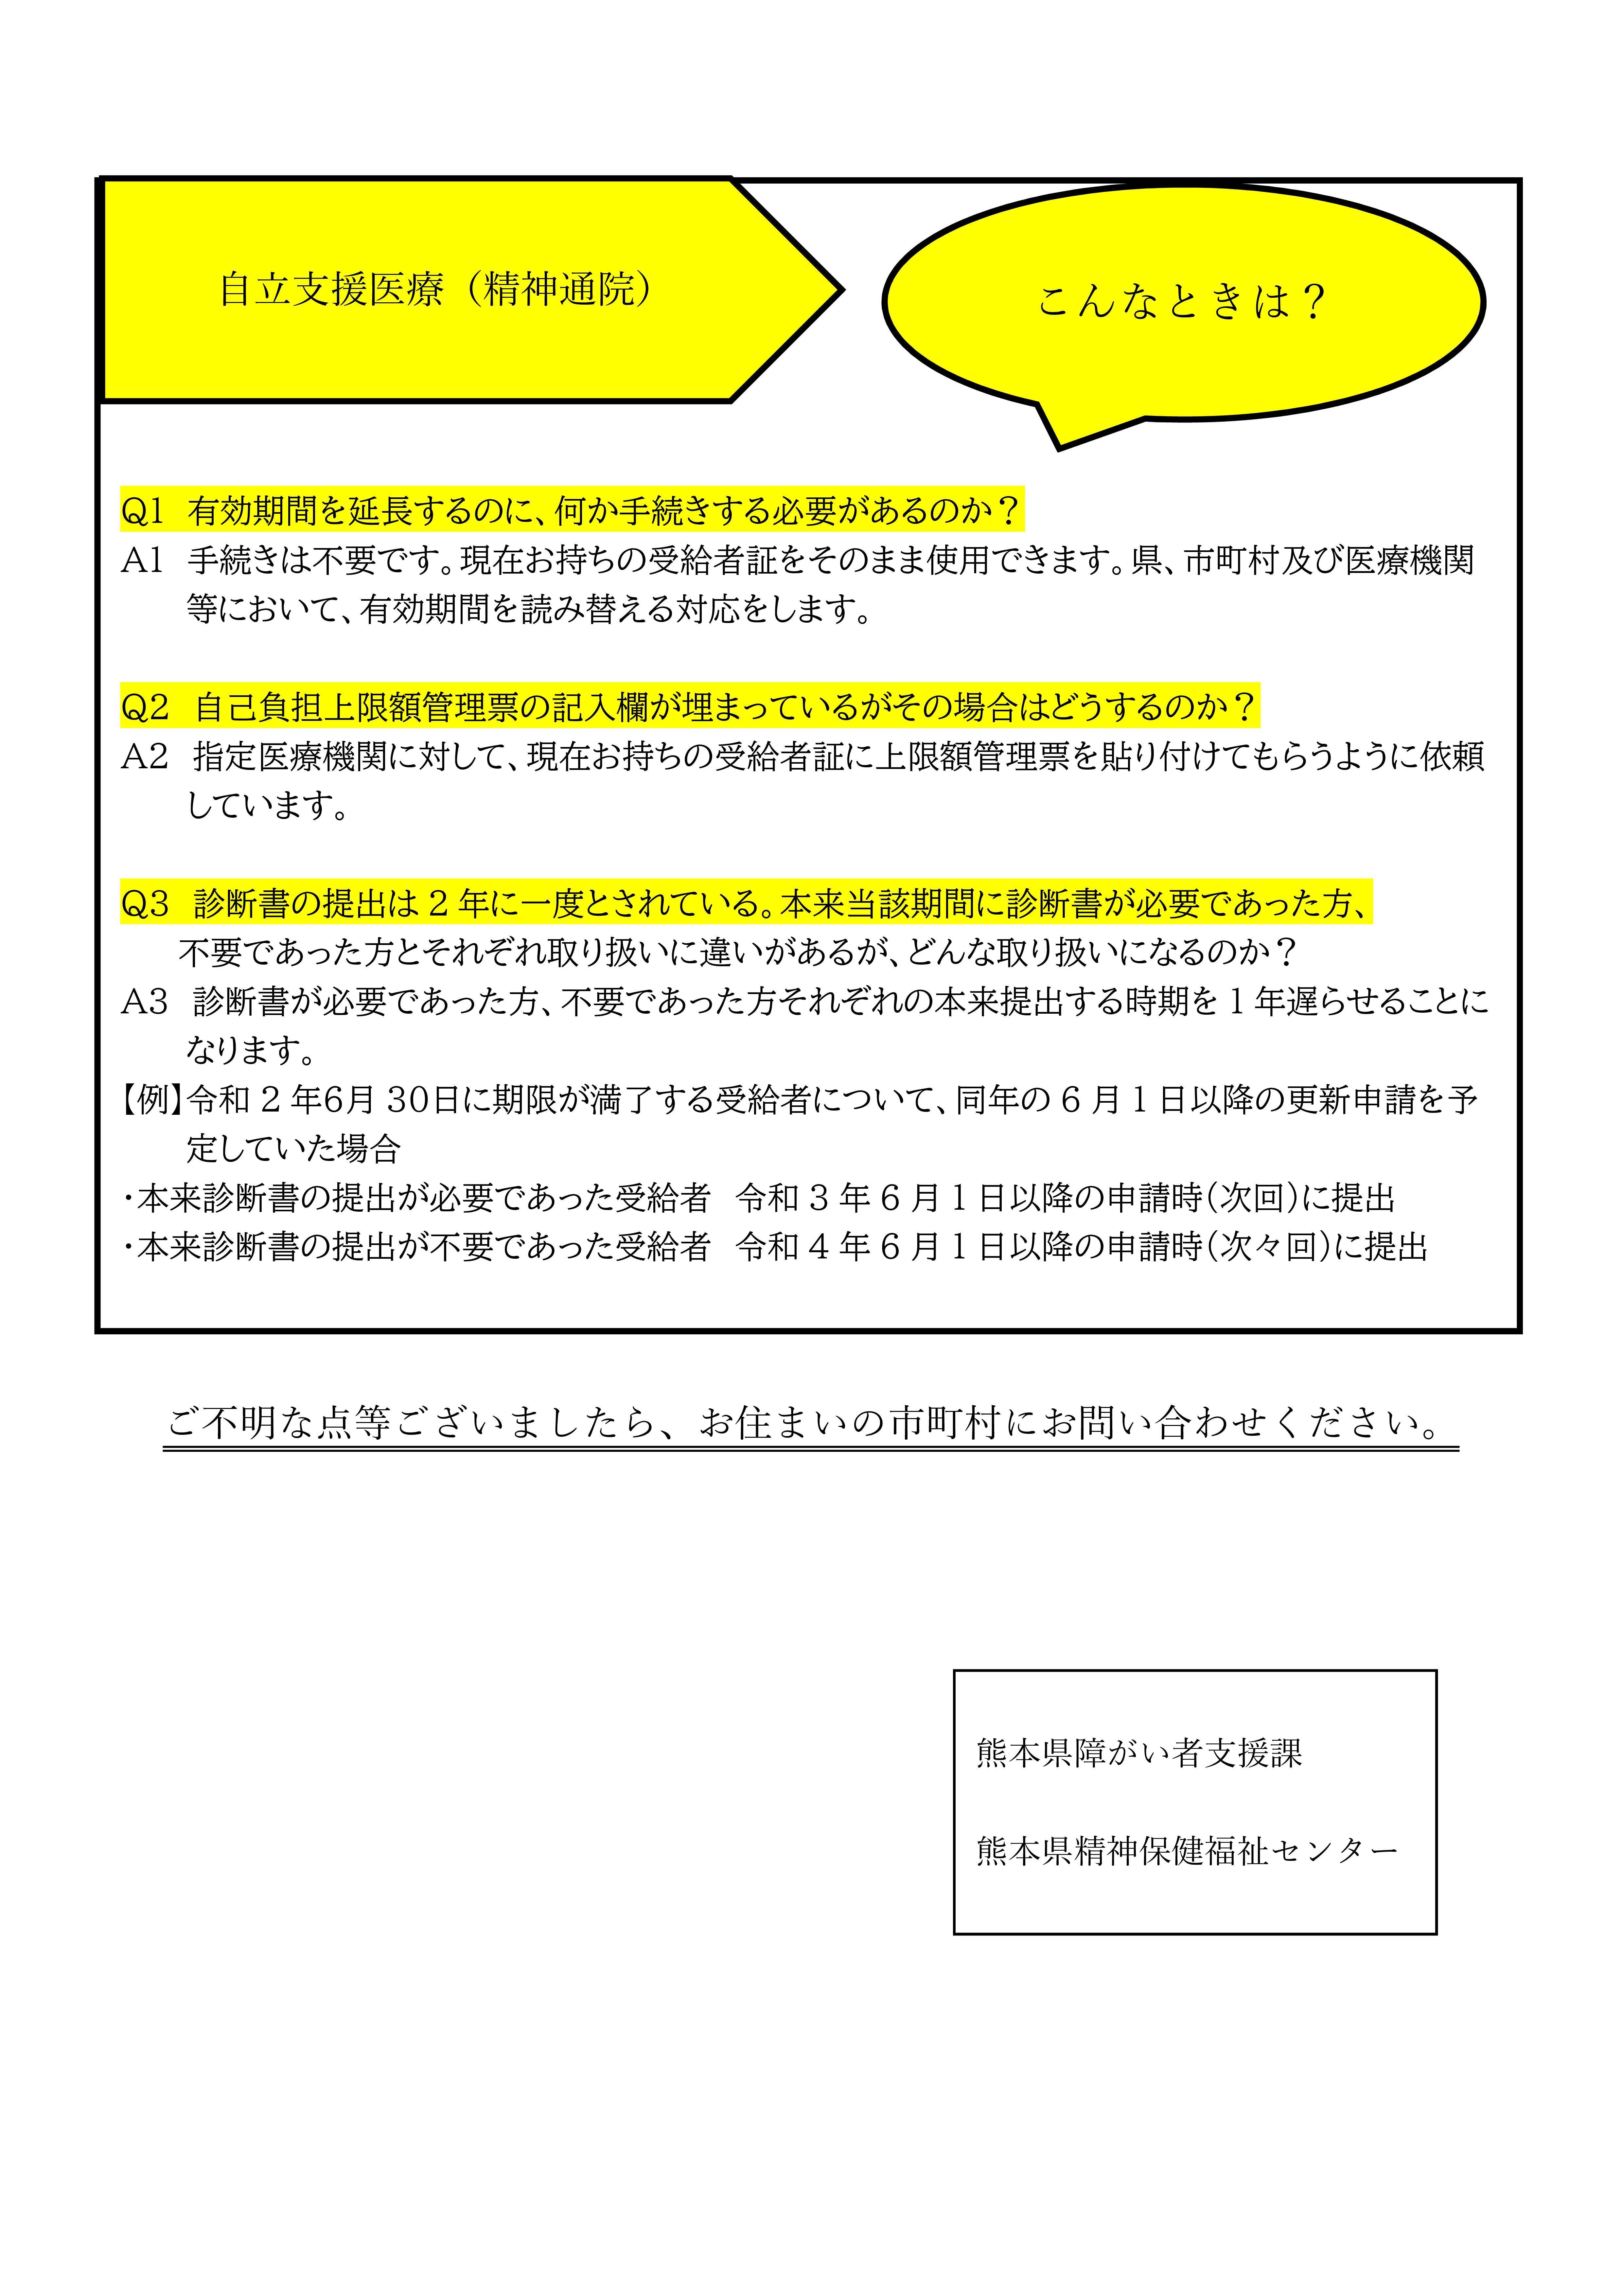 PDF ファイル-02.jpg